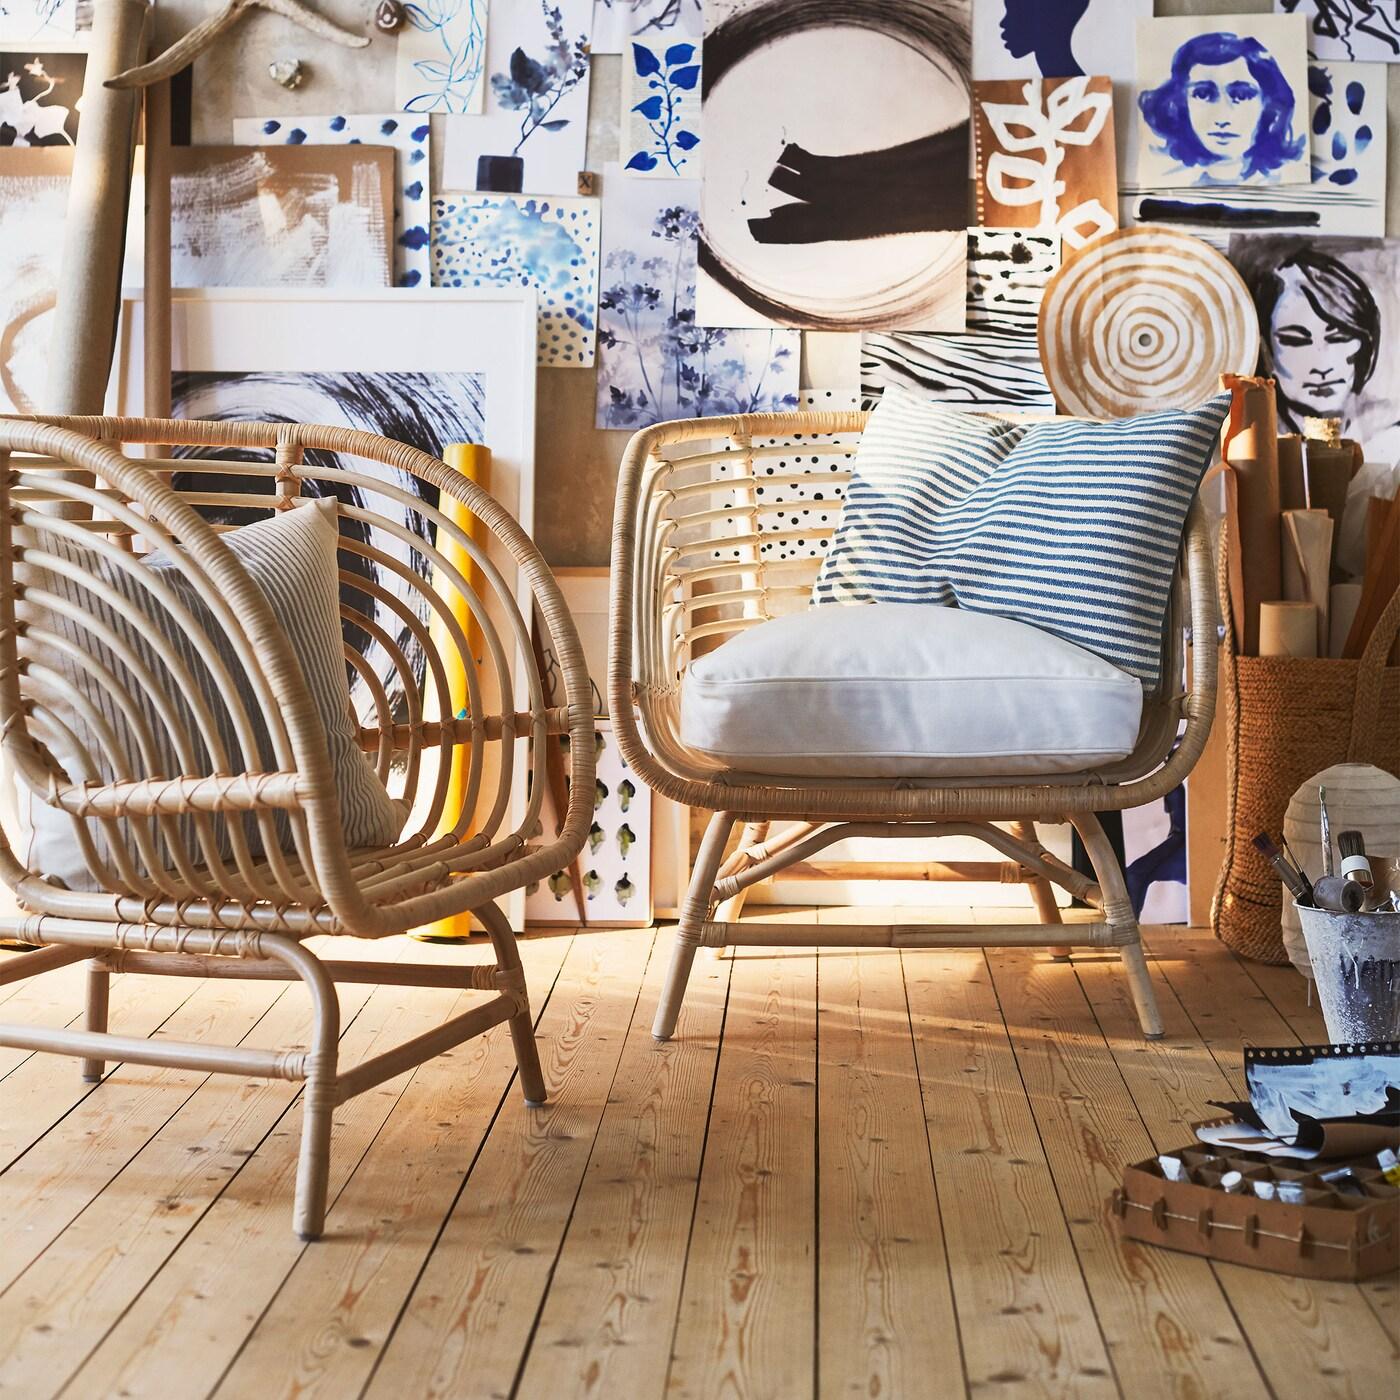 BUSKBO Sessel in Rattan wird von Hand aus Rattan geflochten, hat eine breite, tiefe Sitzfläche und vier breite, kurze Beine. Der Sessel unterstützt einen natürlichen, kunterbunten Look.